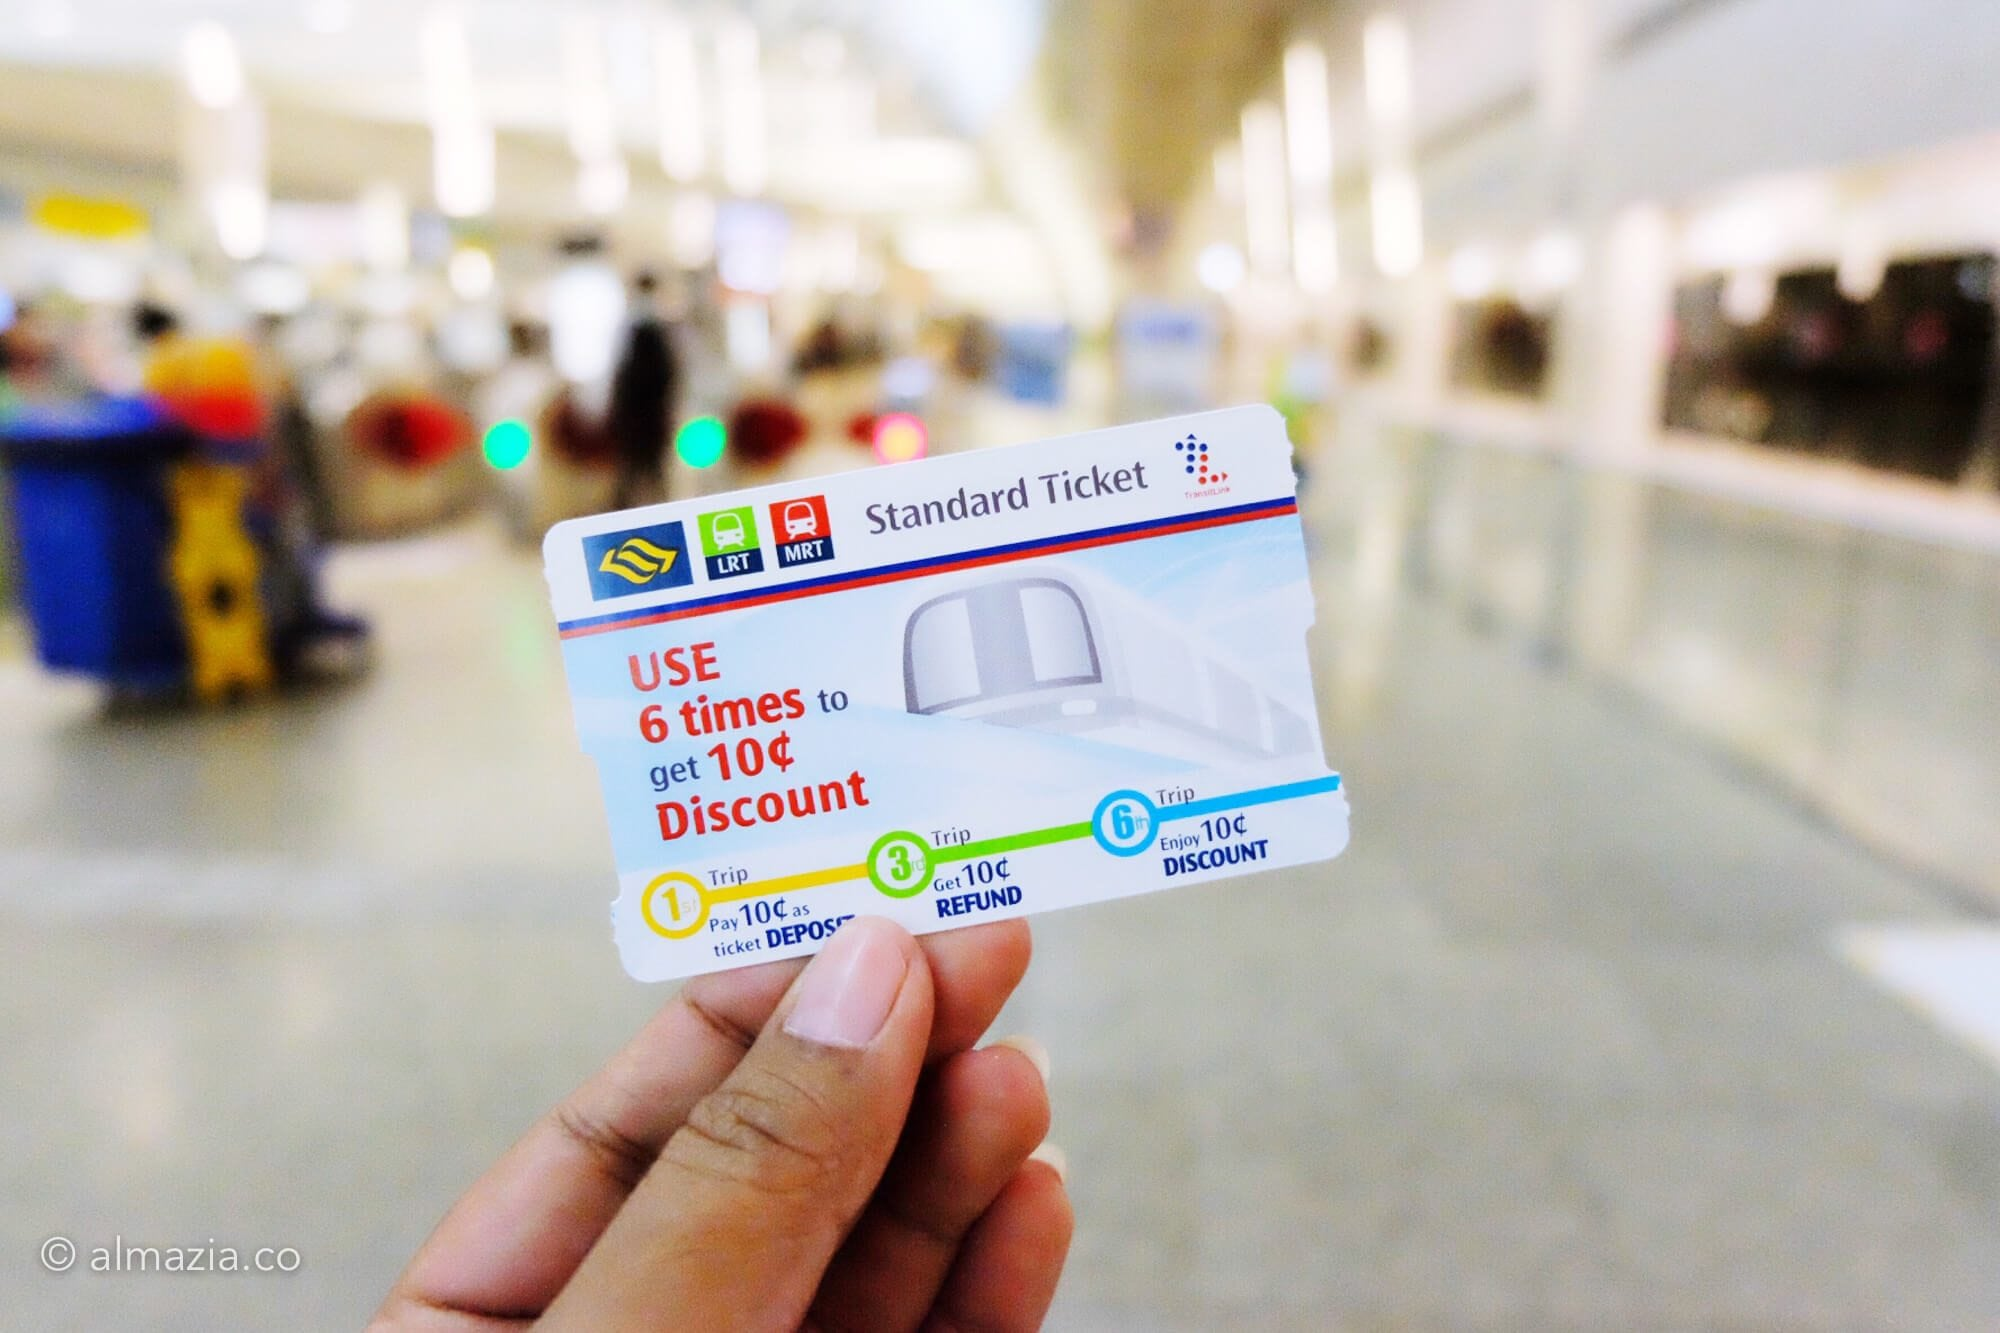 Standard Ticket untuk naik MRT/LRT; hanya bisa digunakan 6 kali